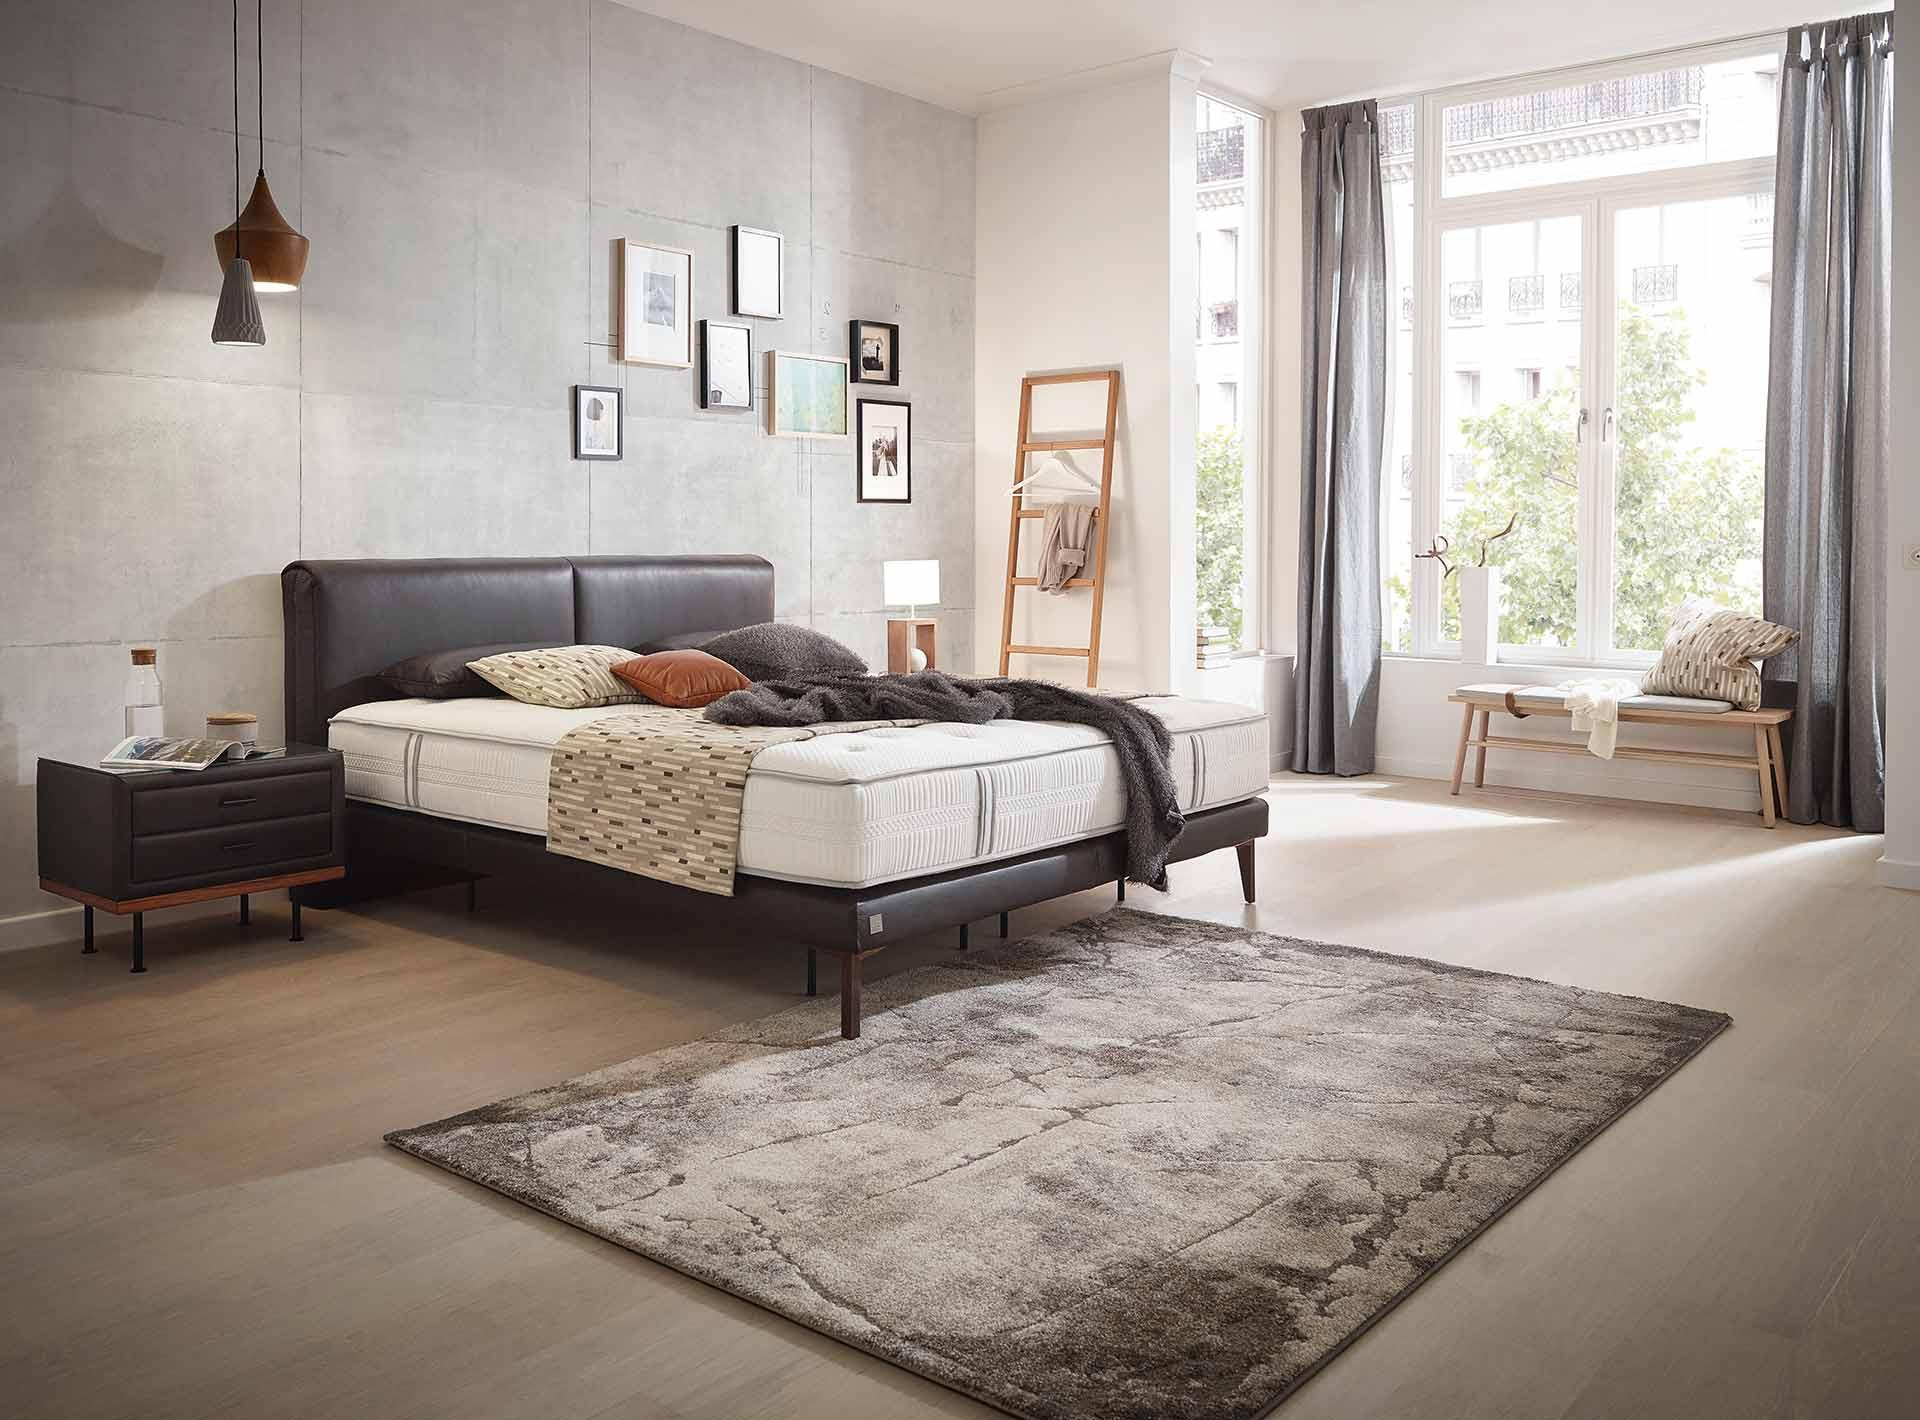 Full Size of Betten Mit Aufbewahrung 160x200 140x200 Bett Ikea Aufbewahrungstasche 120x200 180x200 90x200 Malm Hochwertige Und Stilvolle Aus Sterreich Eckküche Bett Betten Mit Aufbewahrung